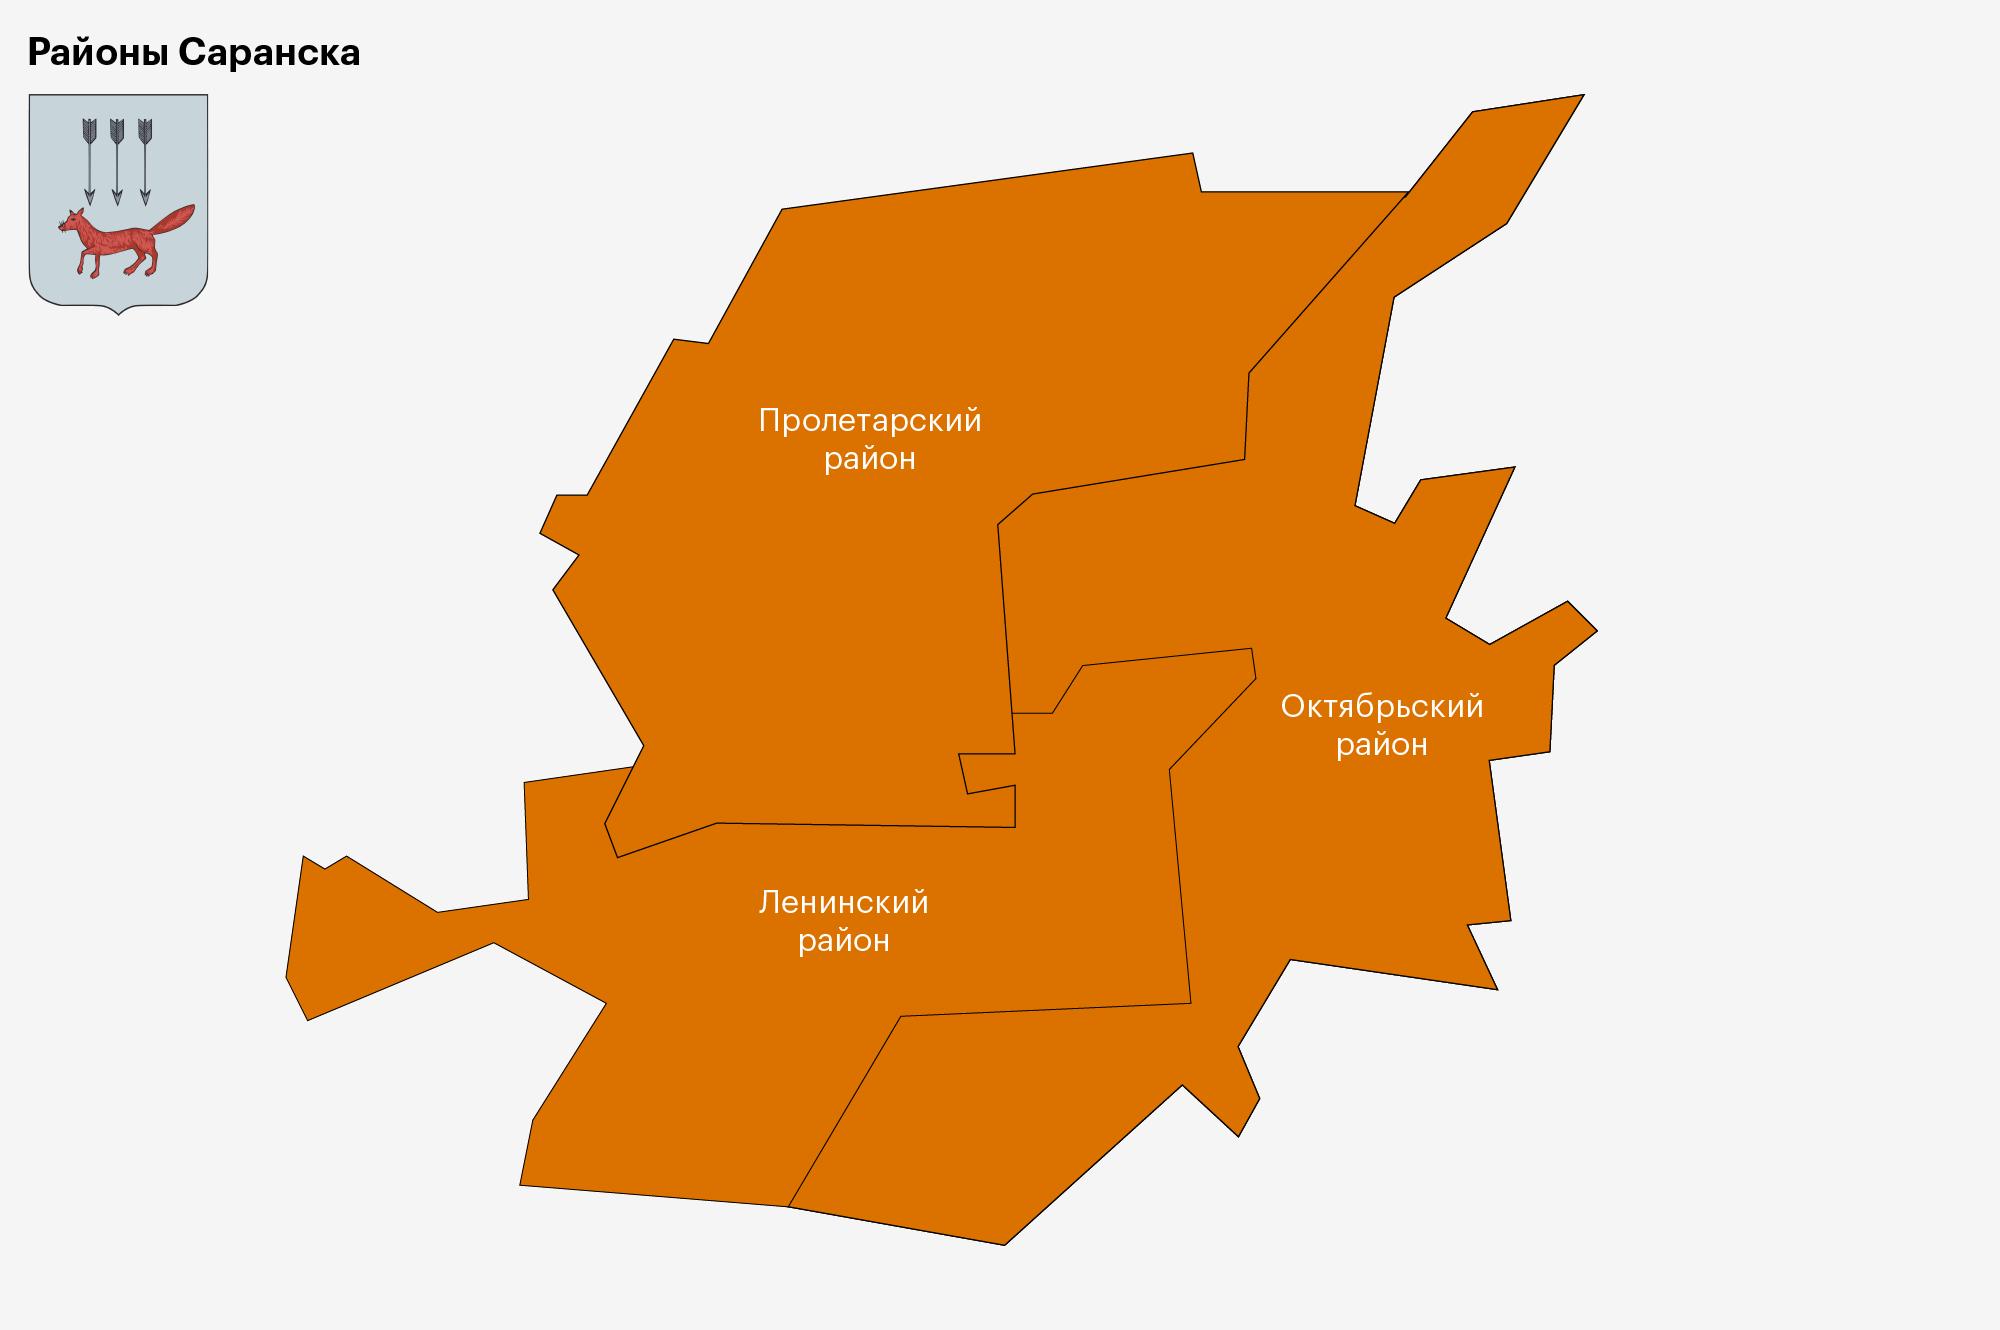 Районы Саранска